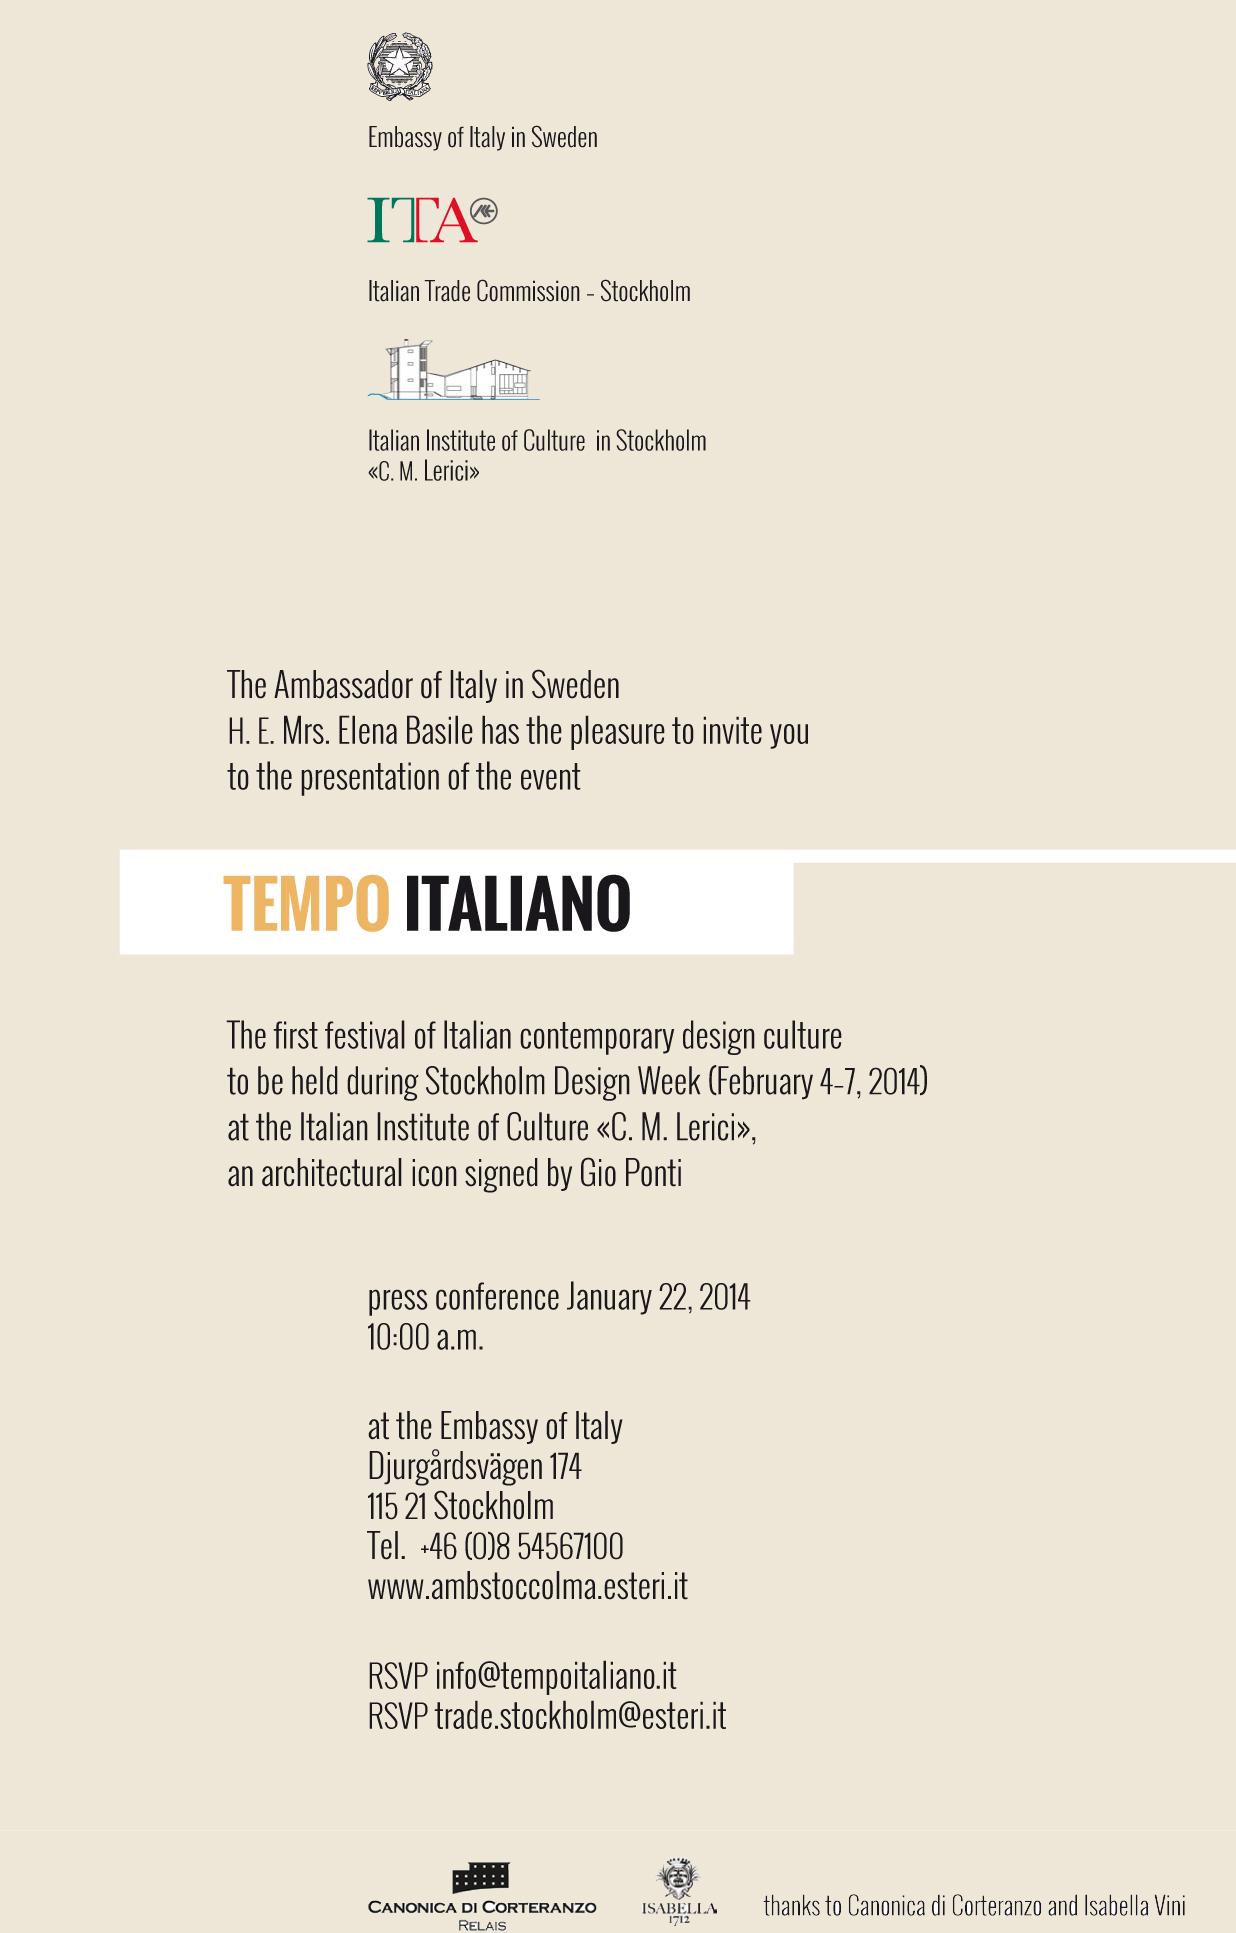 TEMPO_ITALIANO